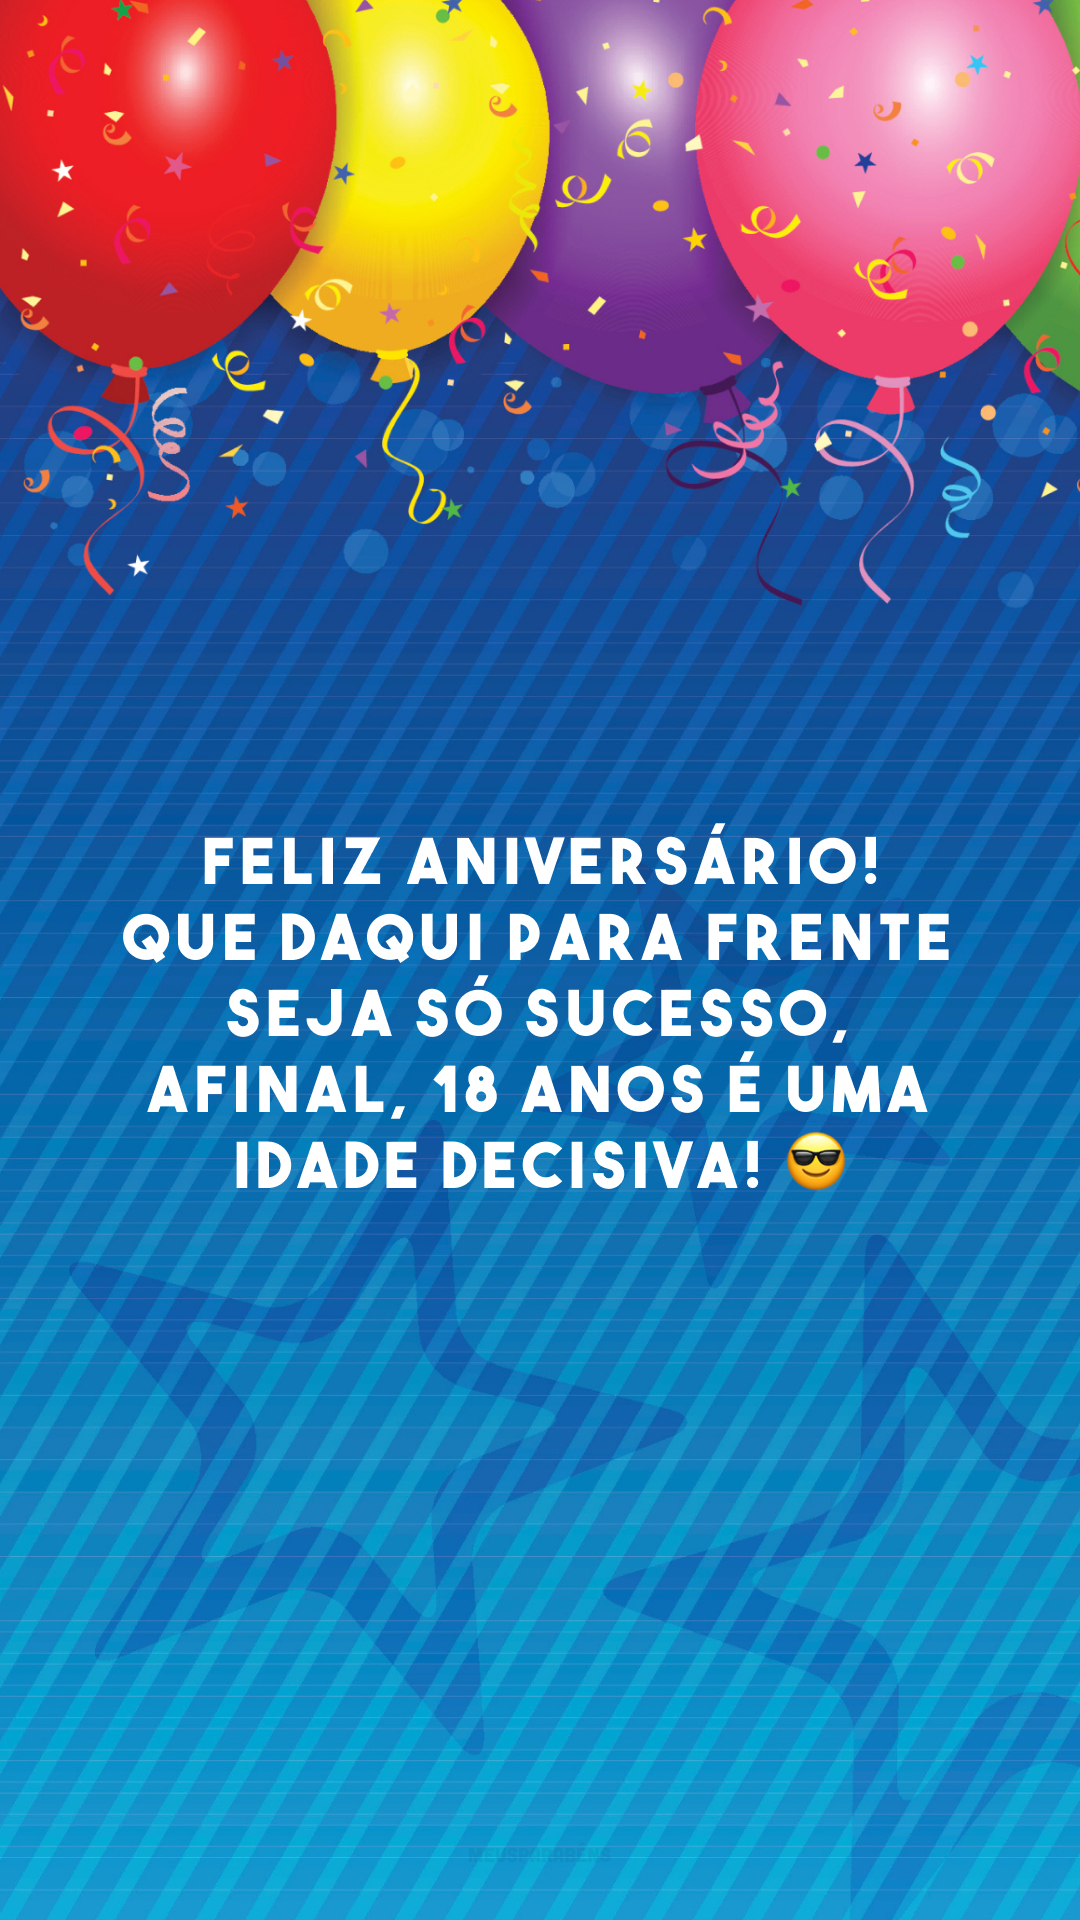 Feliz aniversário! Que daqui para frente seja só sucesso, afinal, 18 anos é uma idade decisiva! 😎